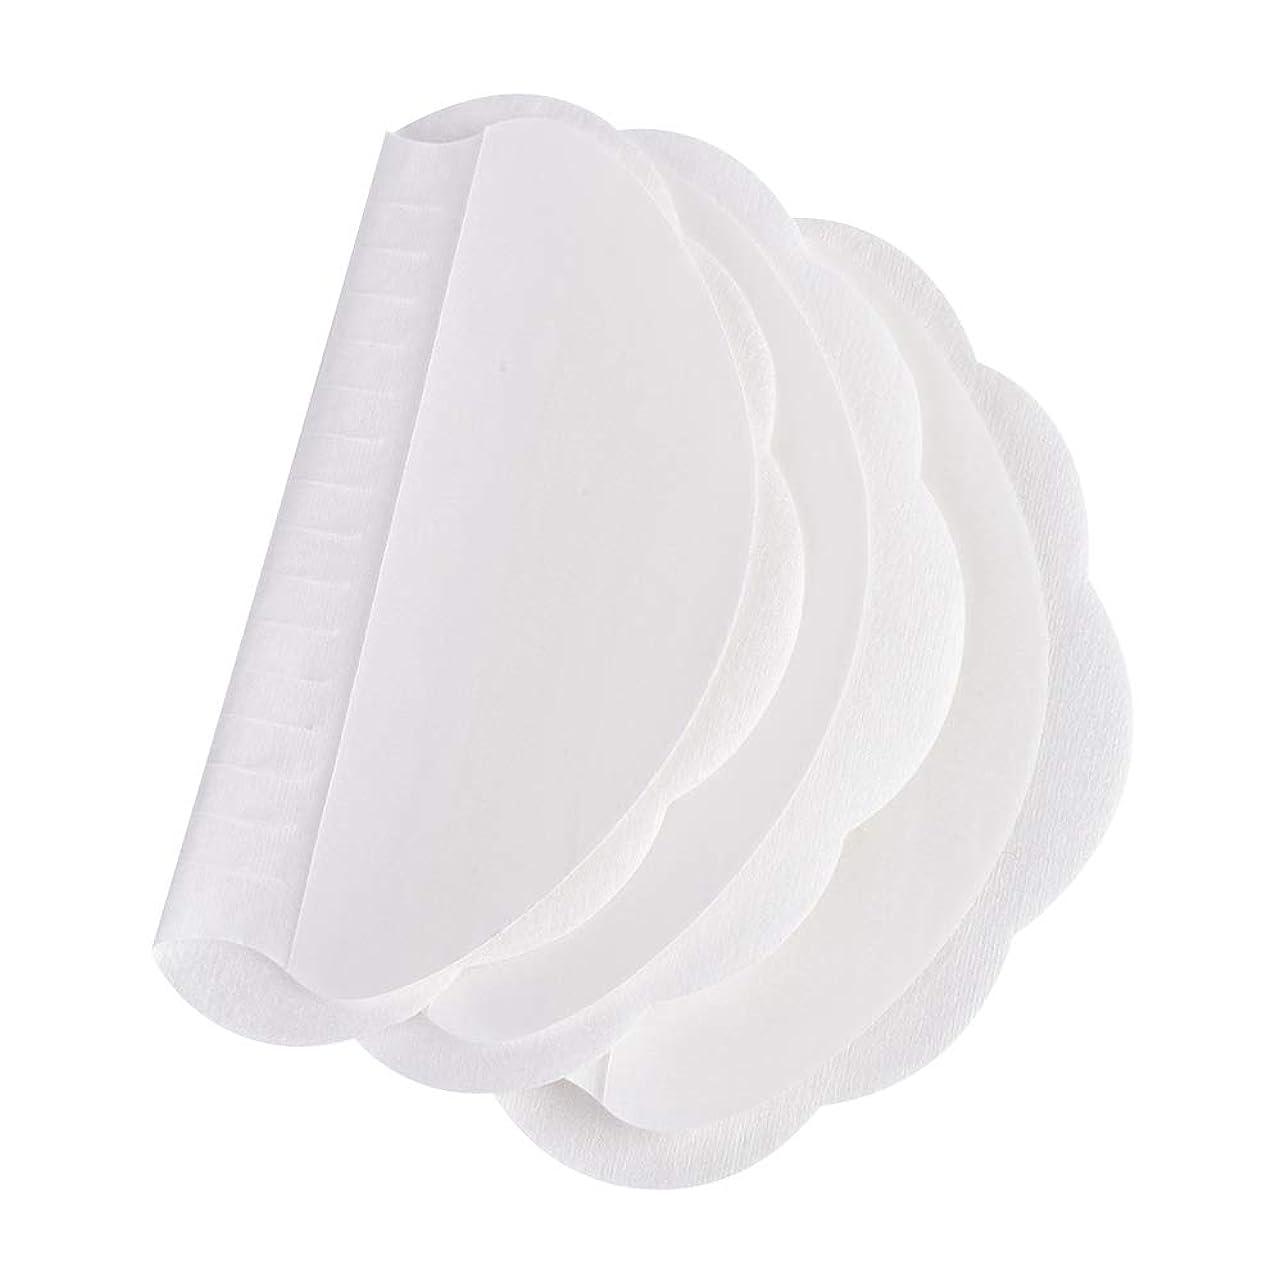 神経障害前任者傘20個入 汗止めパッド わき汗パット さらさら あせジミ防止 抗菌加工 極薄 皮膚に優しい 無香料 メンズ レディース 使い捨て 夏用 汗取りシート …